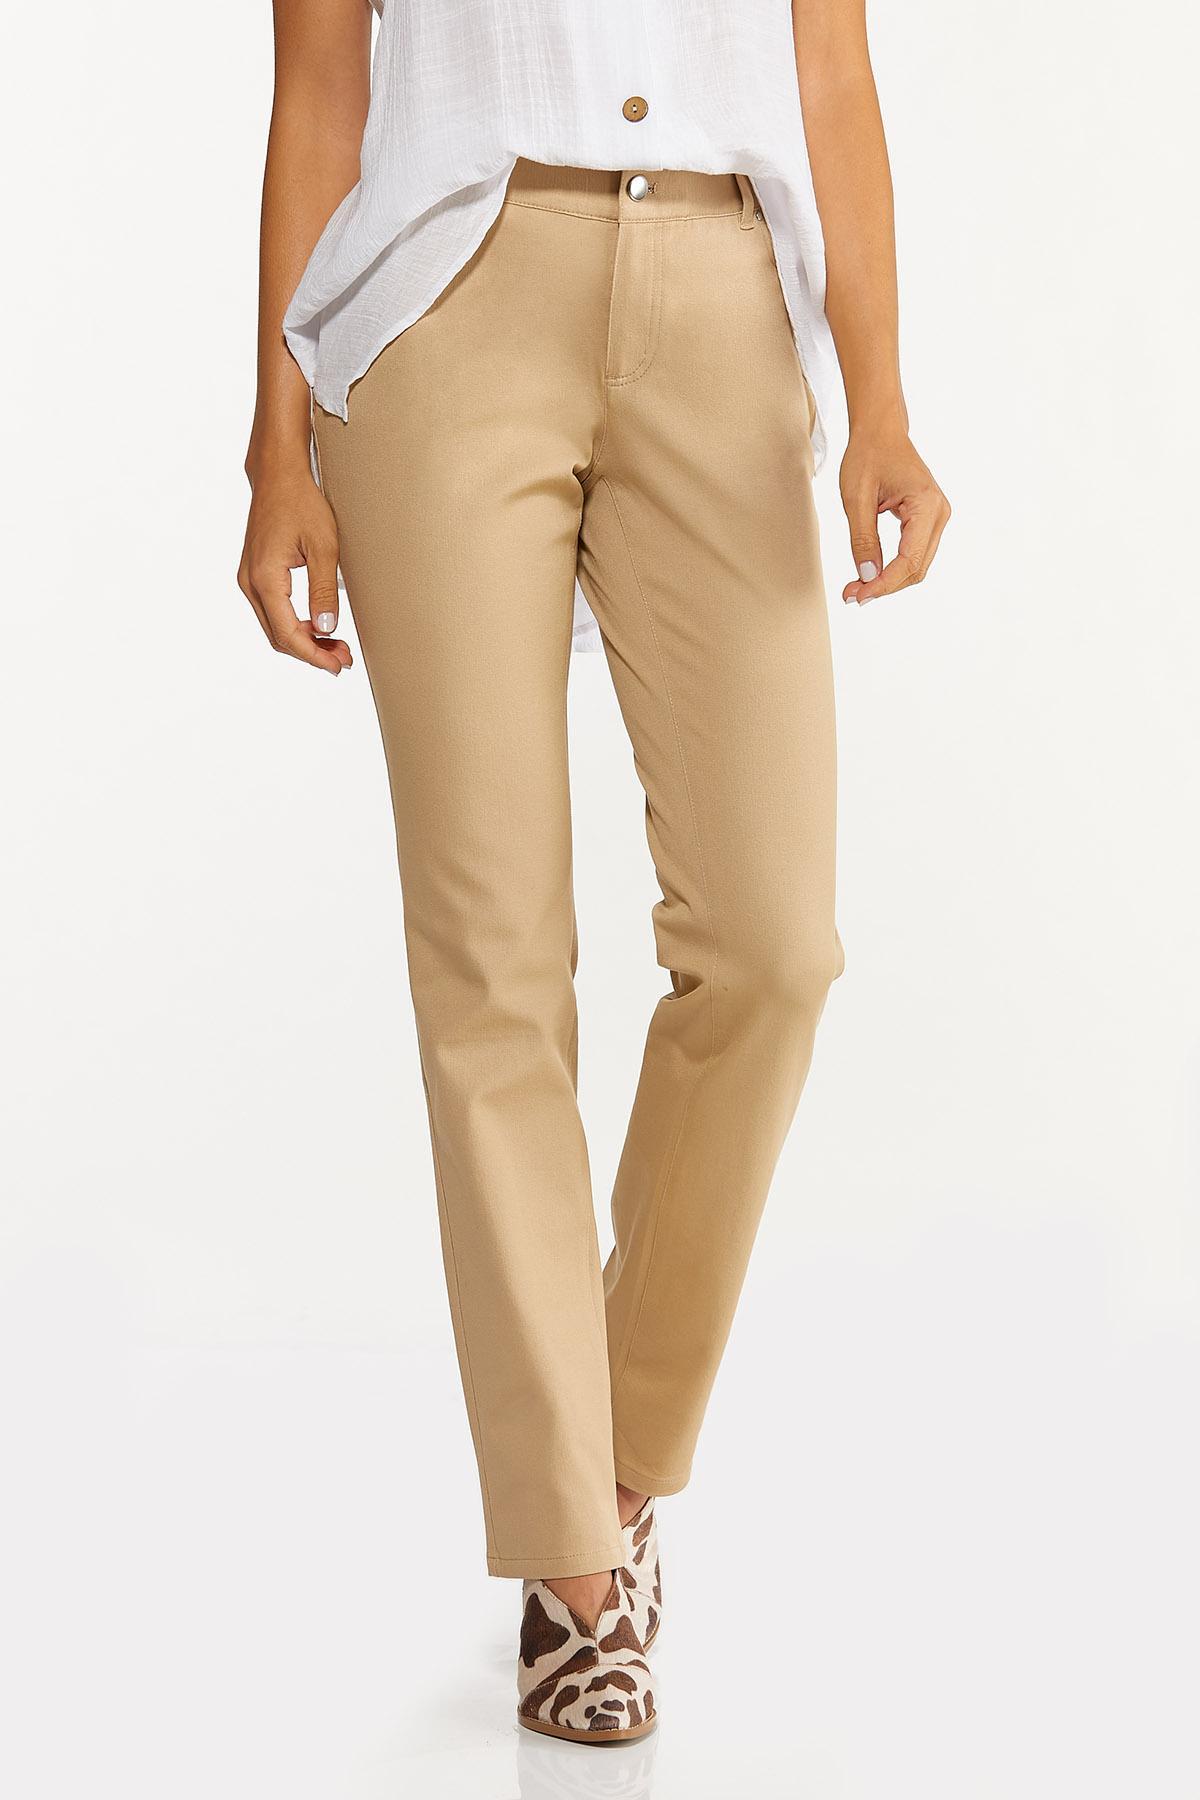 Curvy Getaway Pants